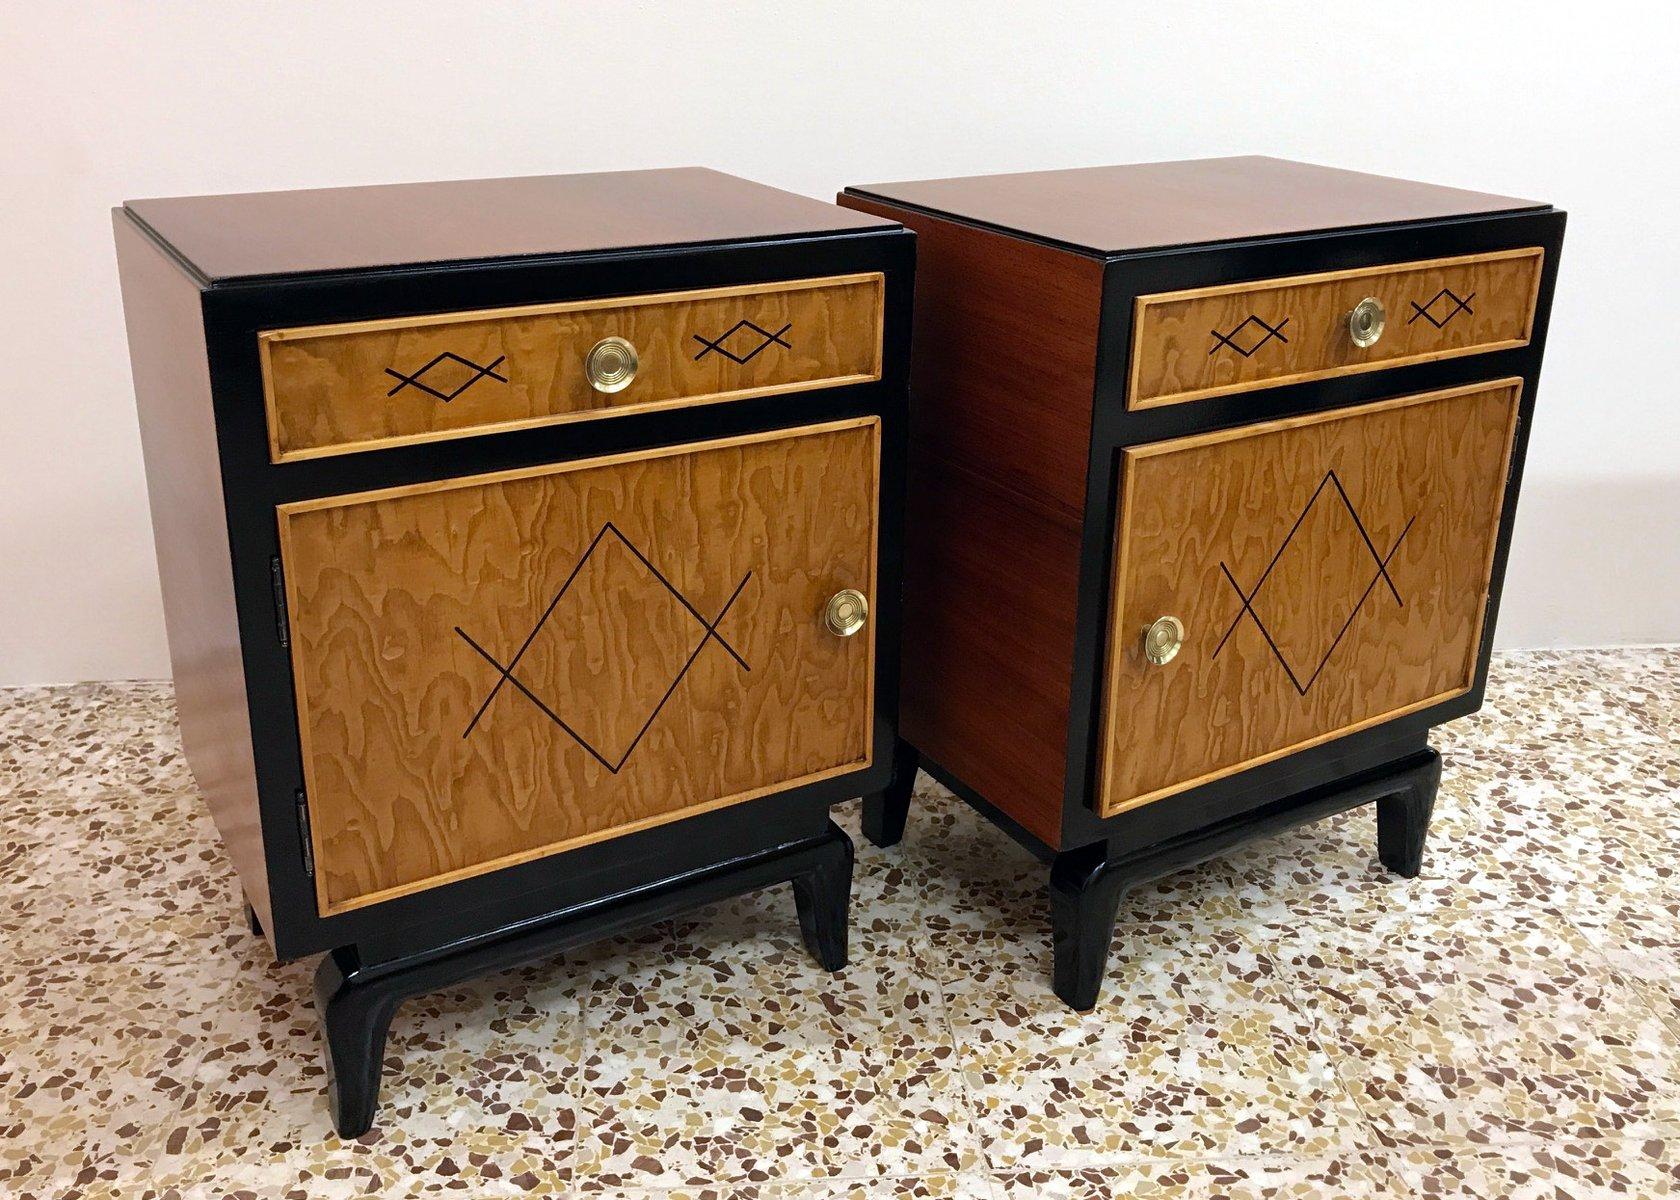 Tables de chevet art d co en palissandre italie 1940s - Table de chevet art deco ...